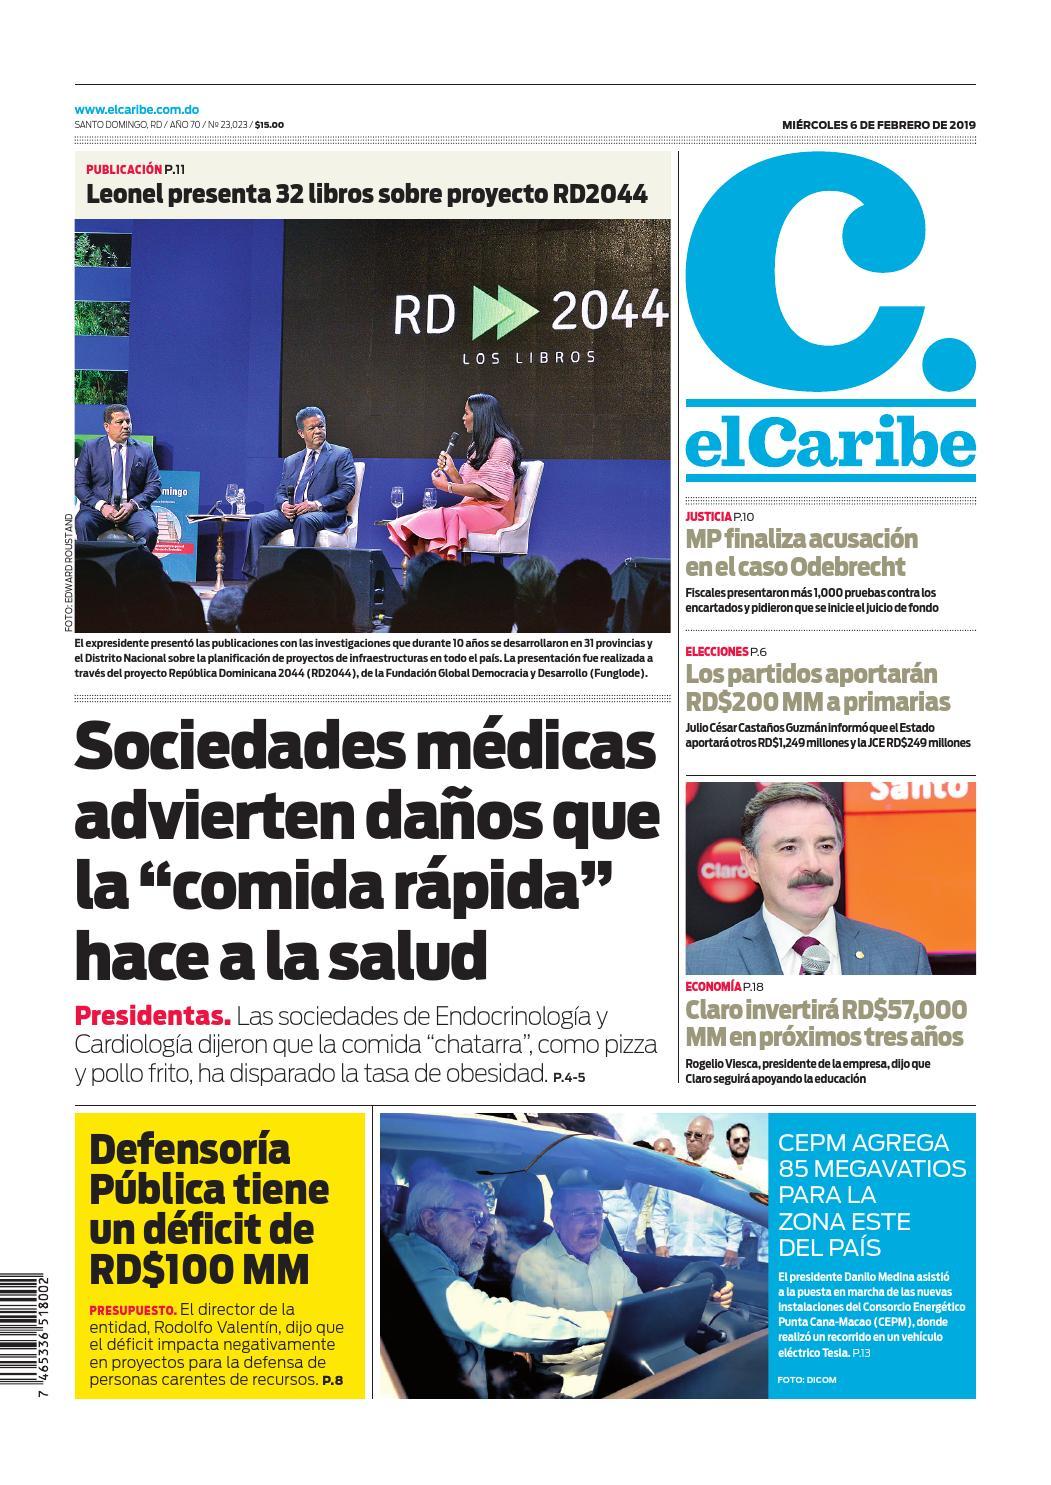 Portada Periódico El Caribe, Miércoles 06 de Febrero 2019